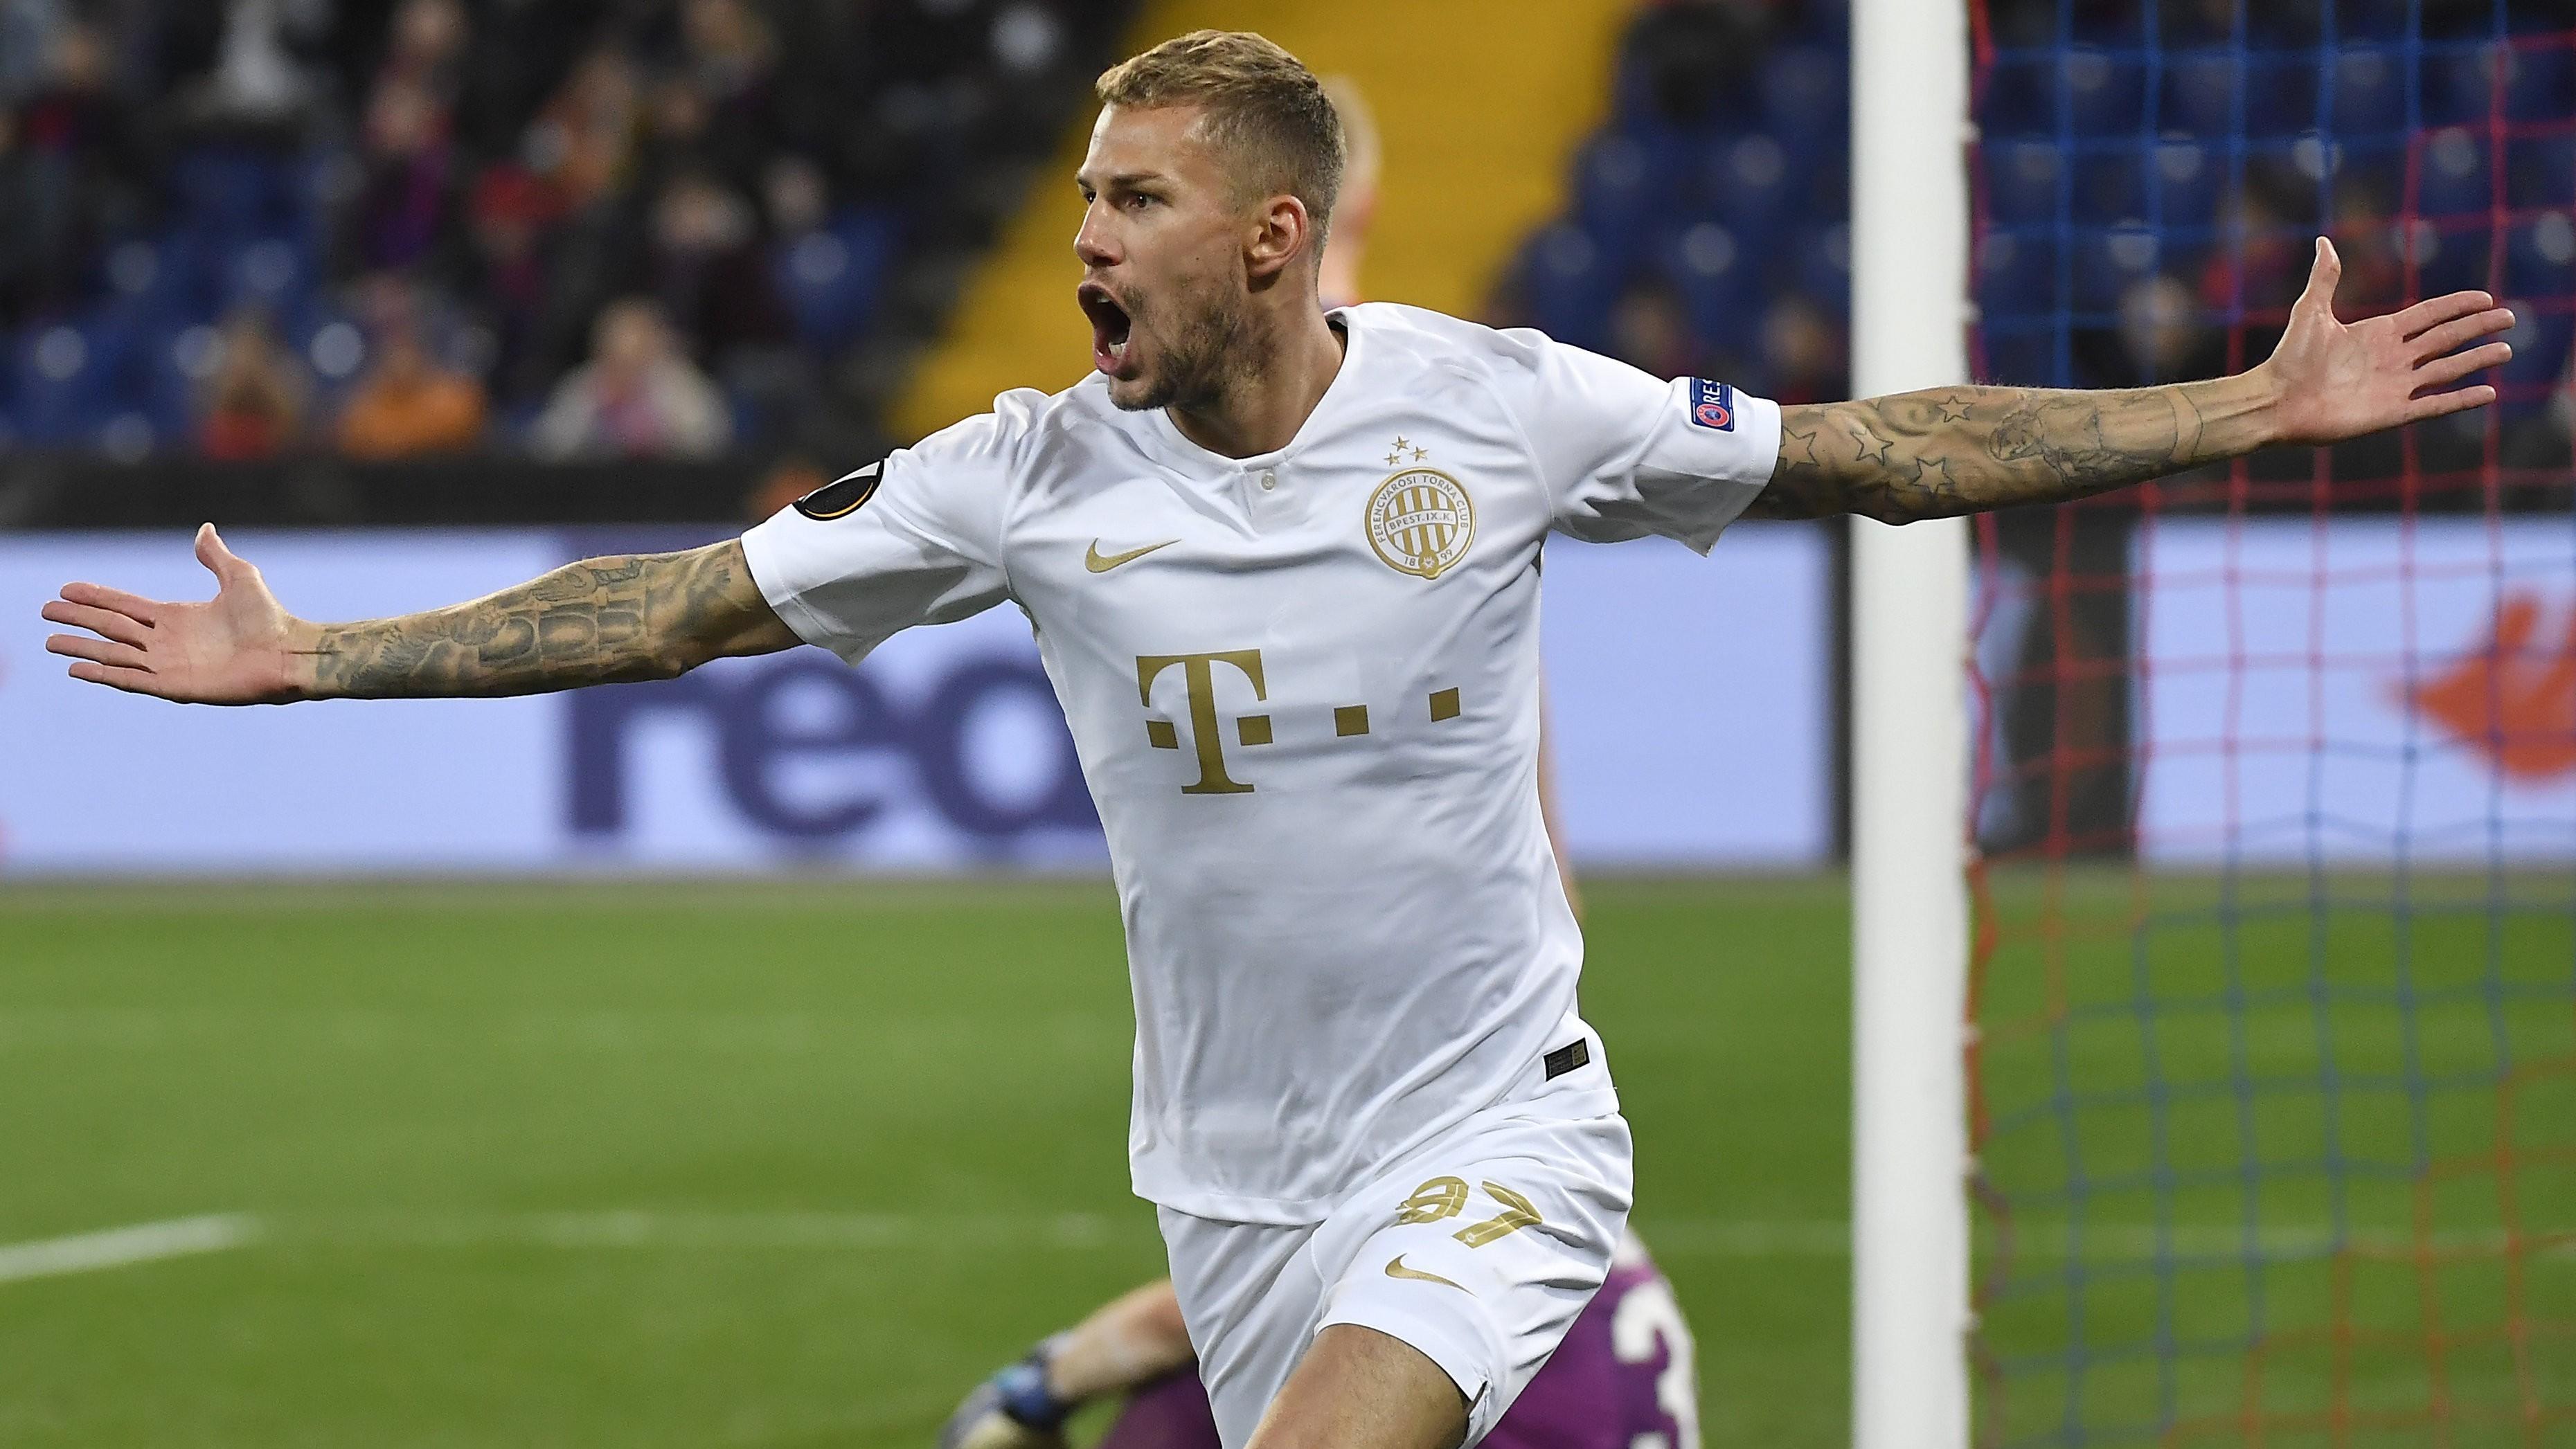 Európa-liga - Győzött Moszkvában a Ferencváros